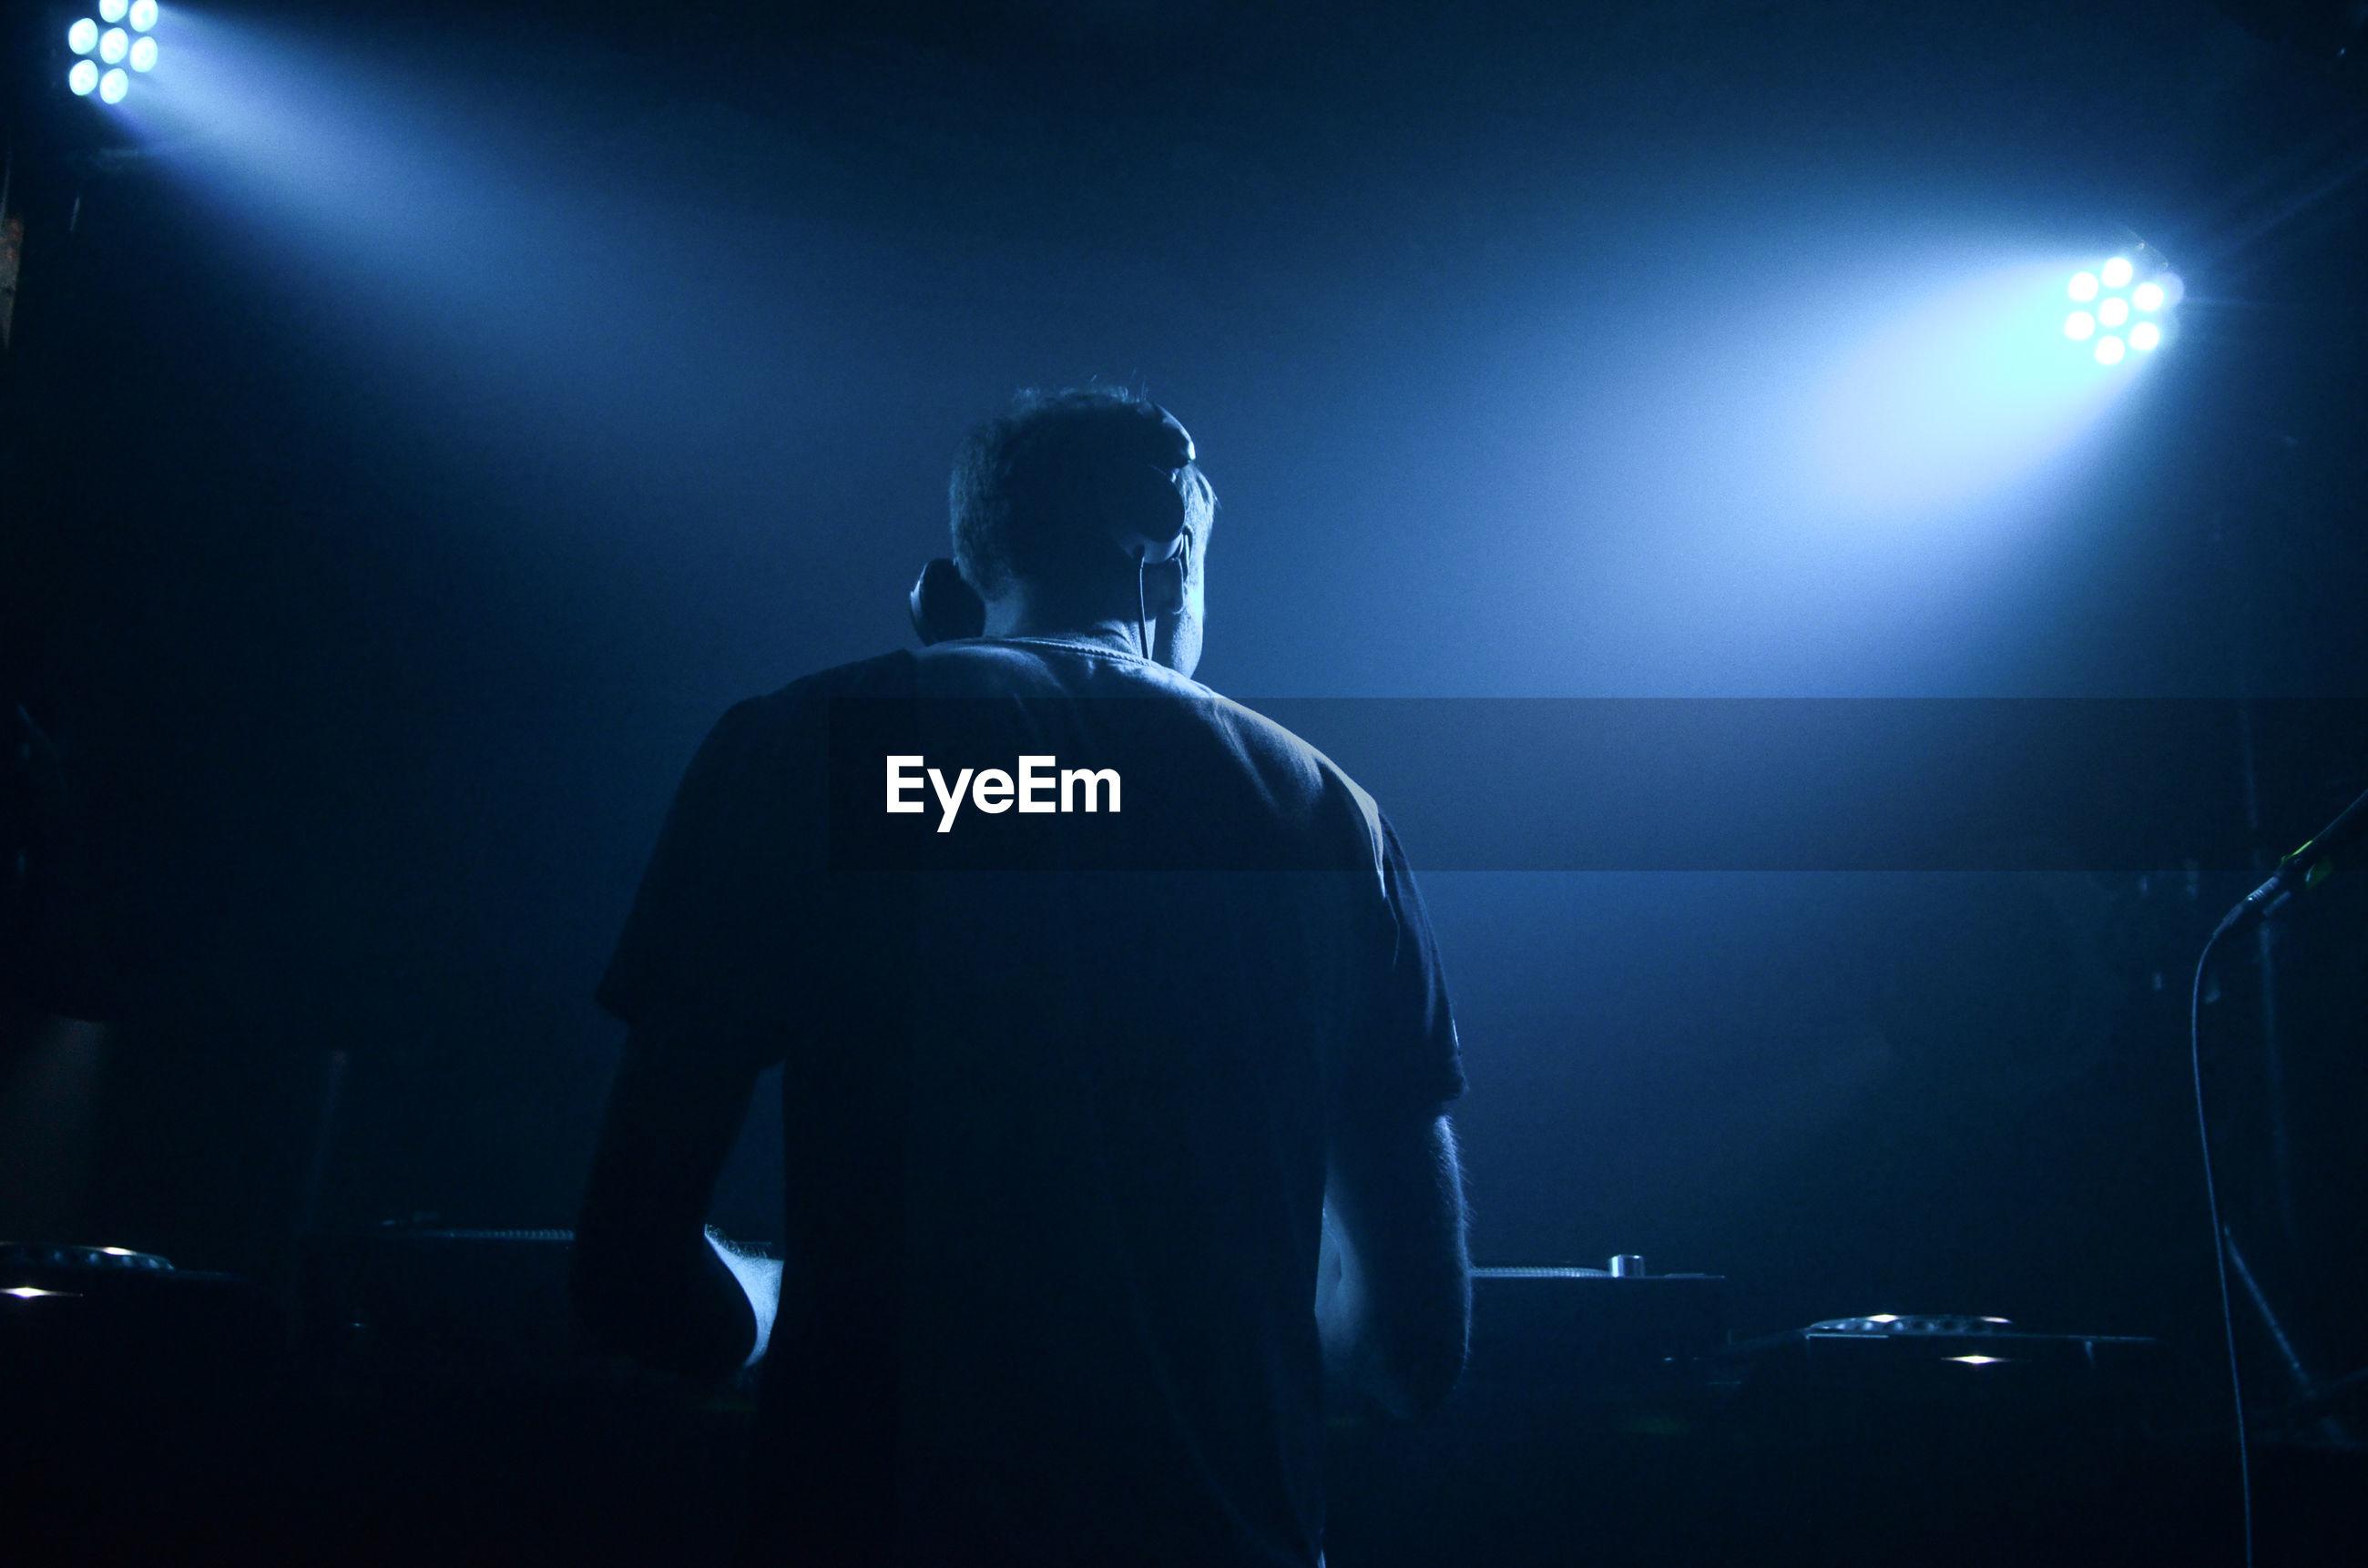 Rear view of dj performing at night